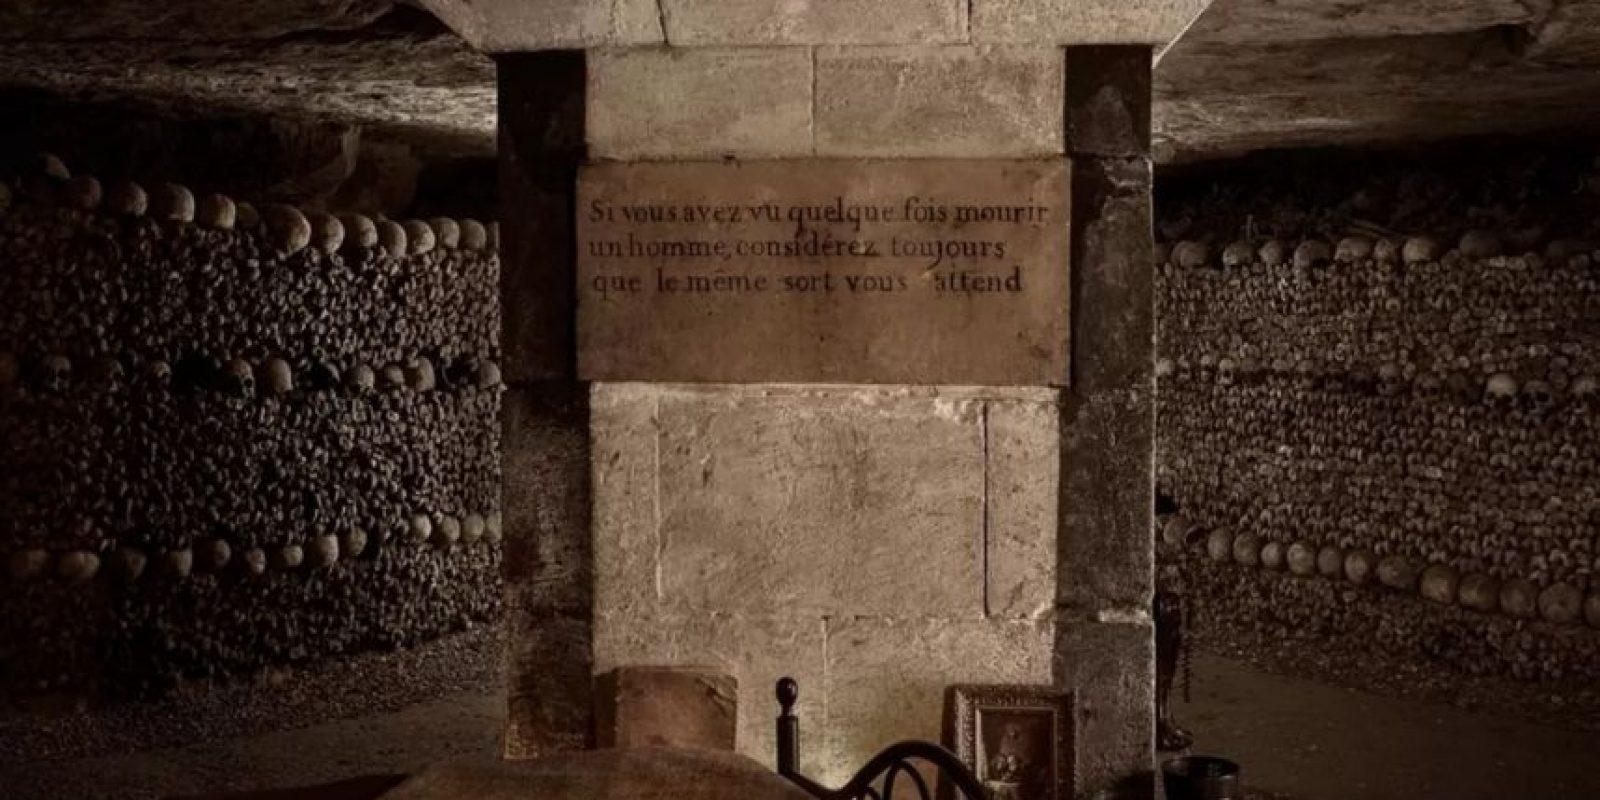 En su interior se practicaban rituales siniestros, como misas negras. Foto:Airbnb